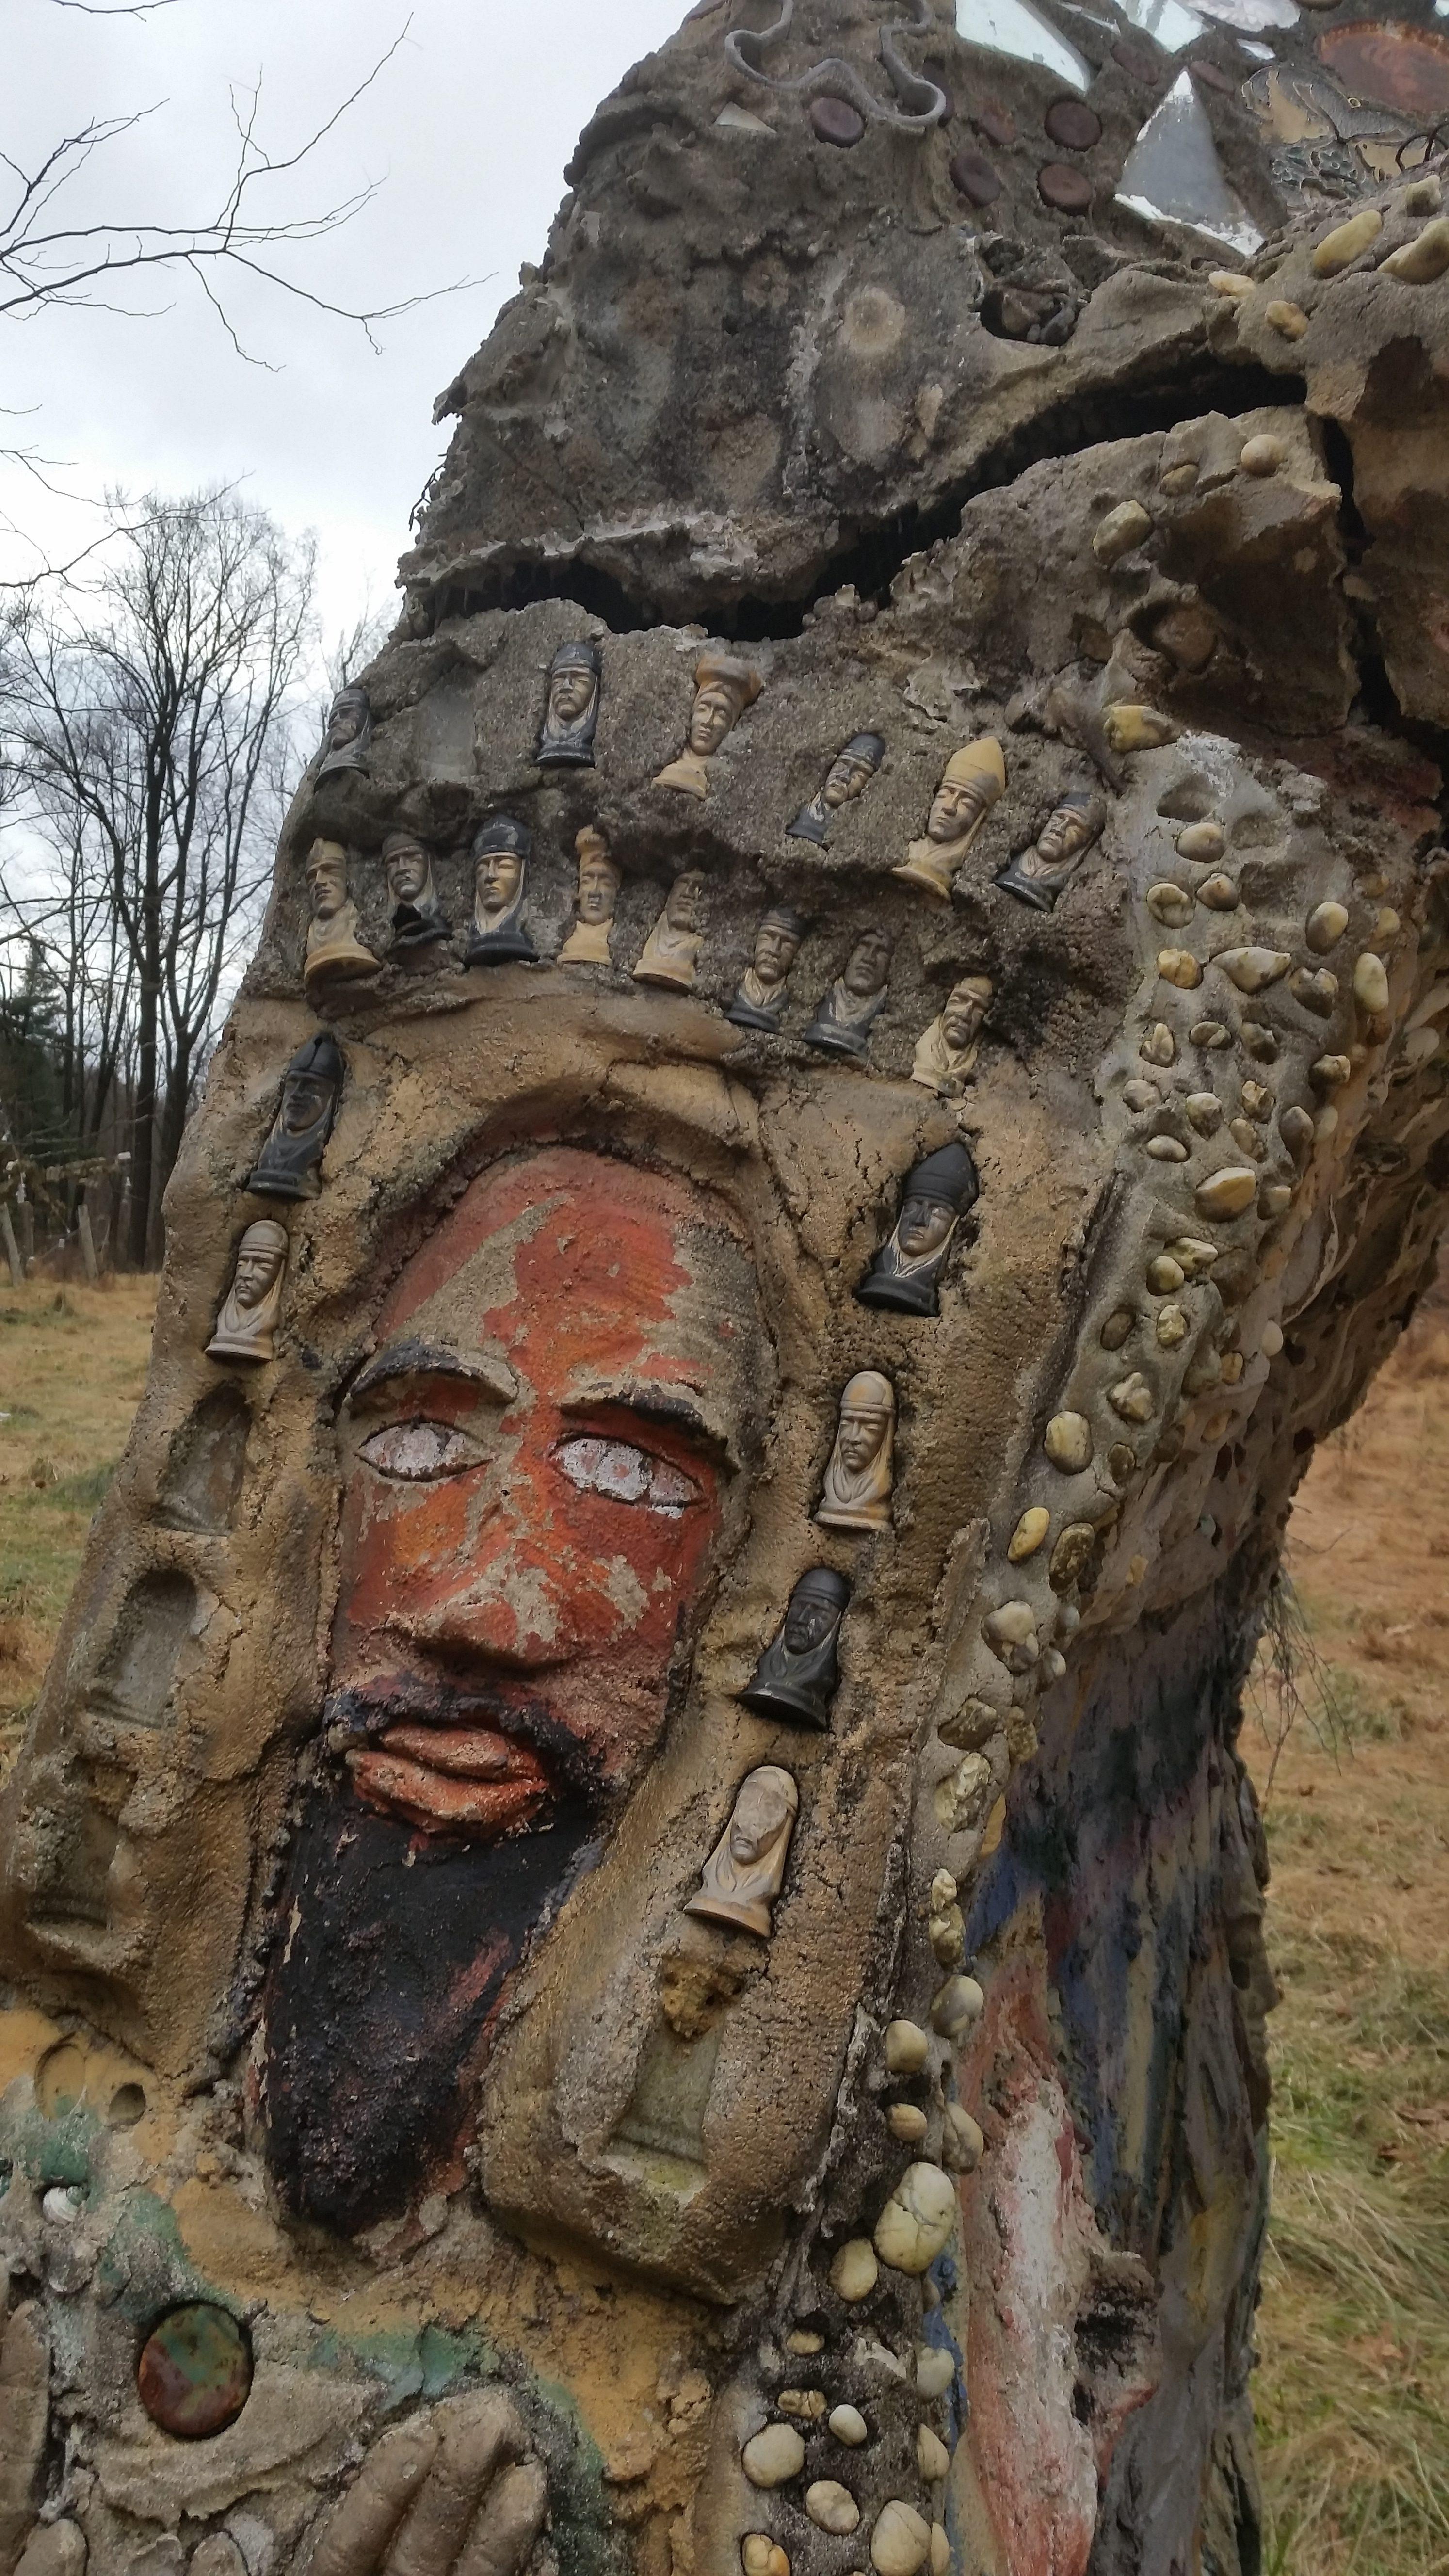 folk art in concrete